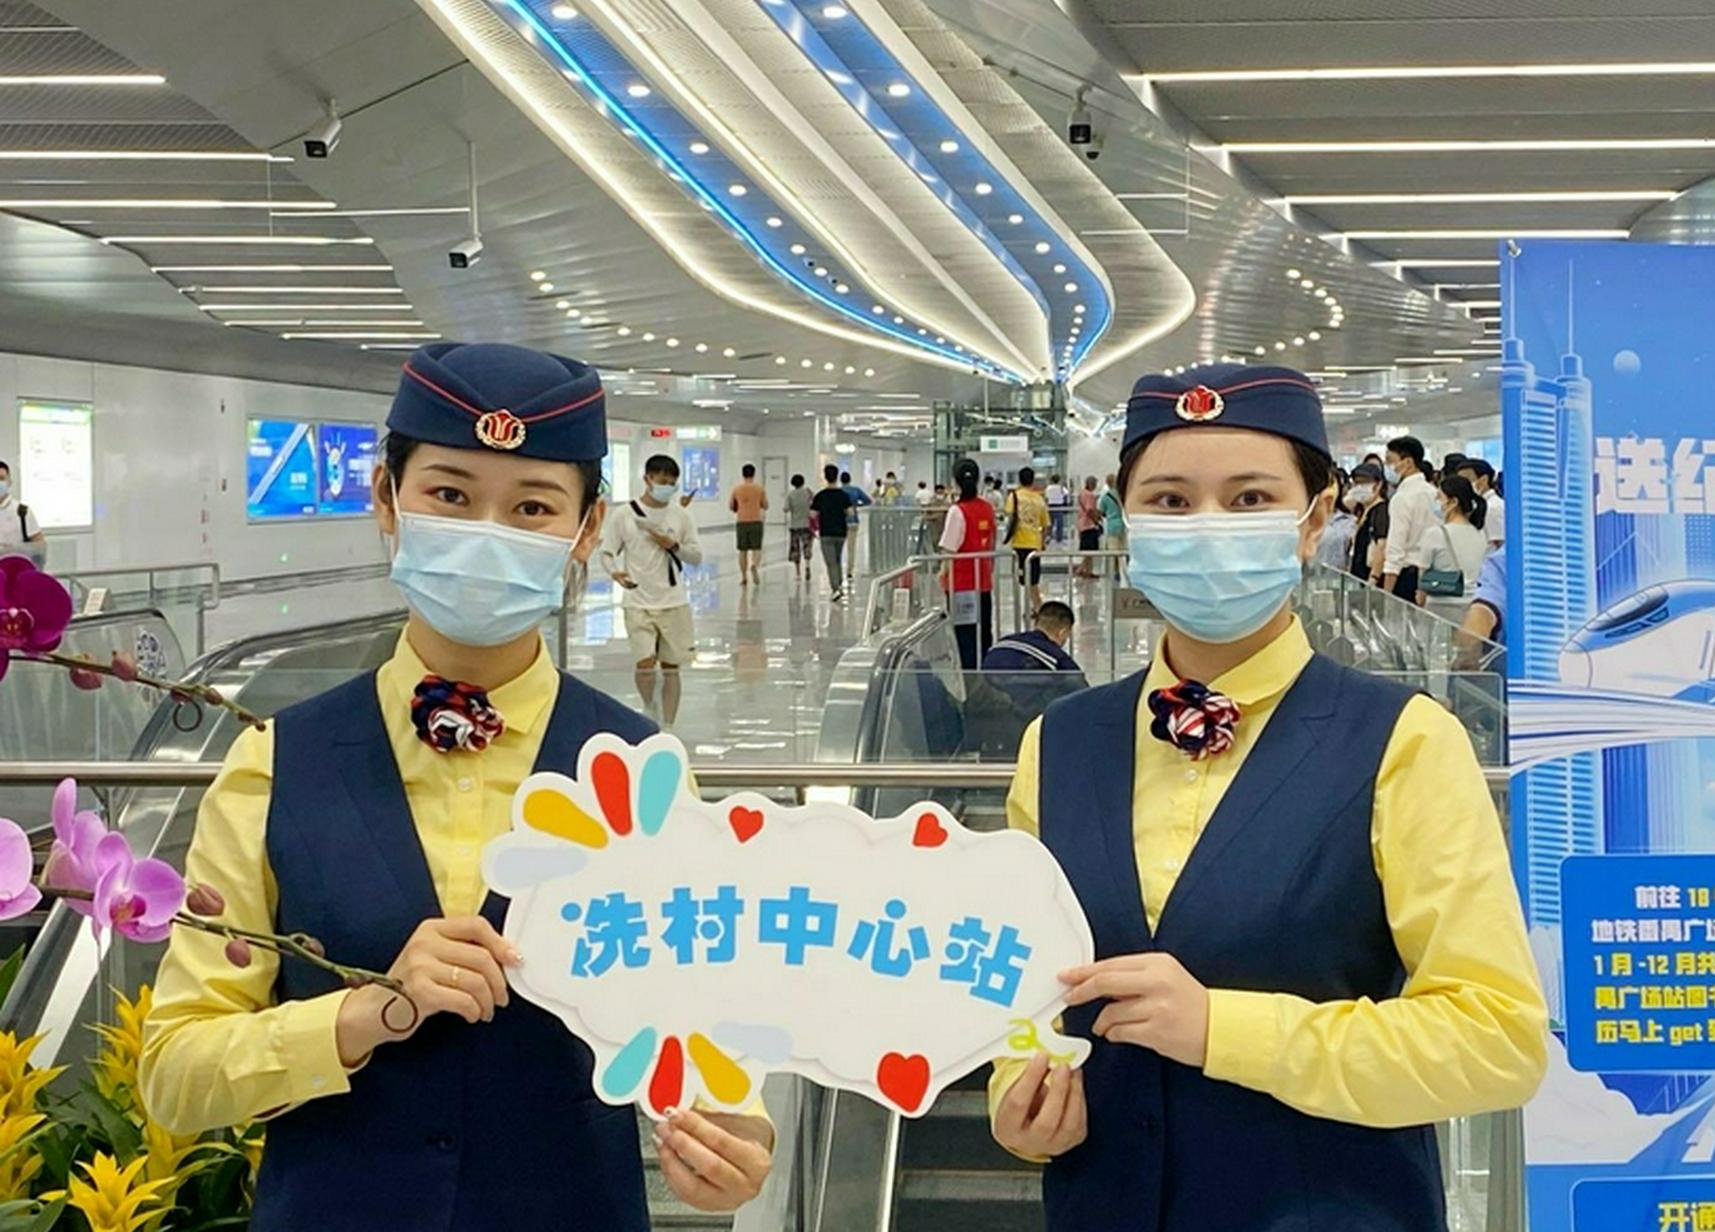 广州地铁18号线开通 站内热闹似过年